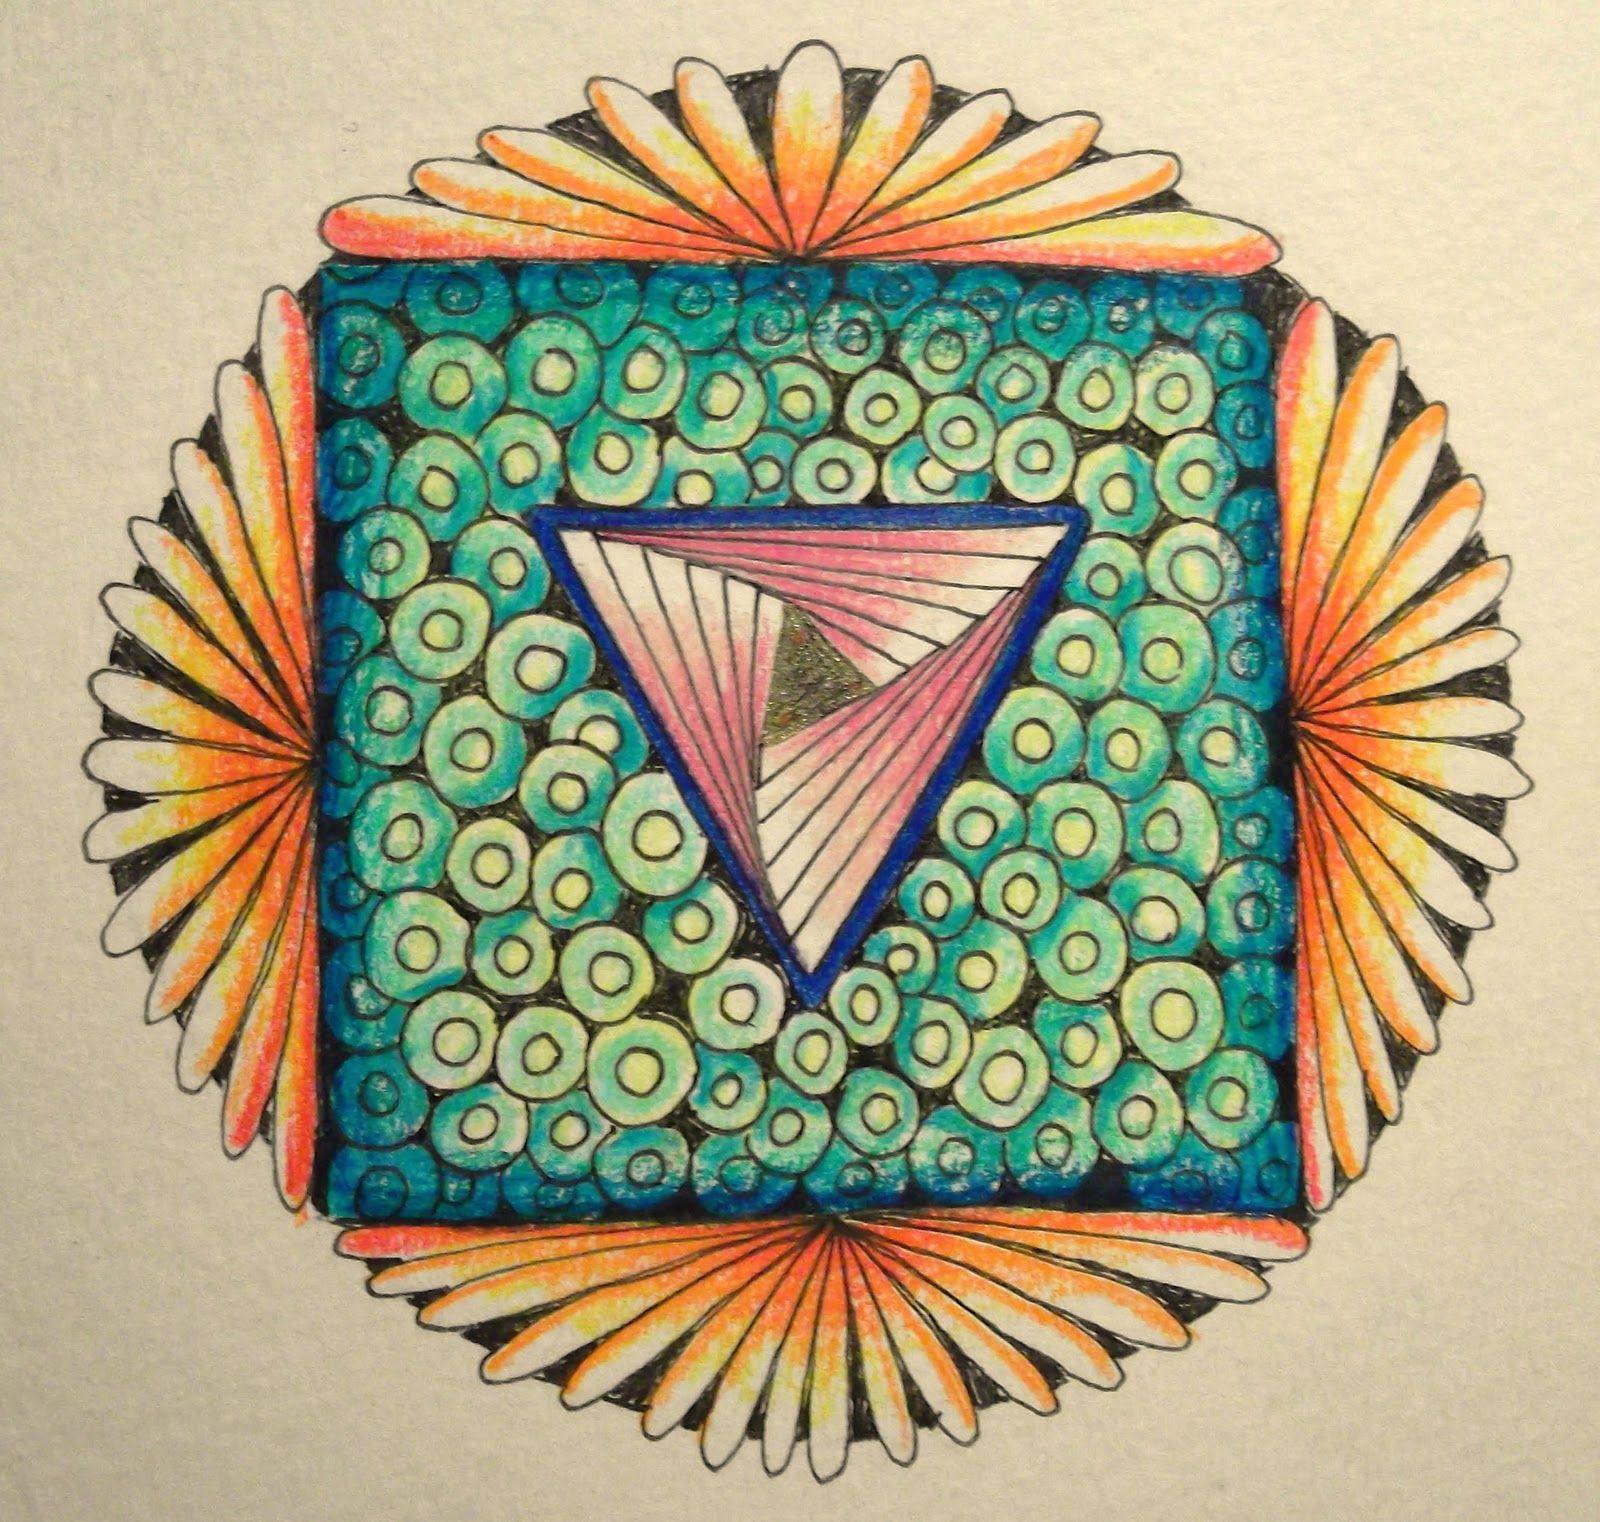 zentangle mandala | Tekenpraktijk De Innerlijke Wereld: Zentangle